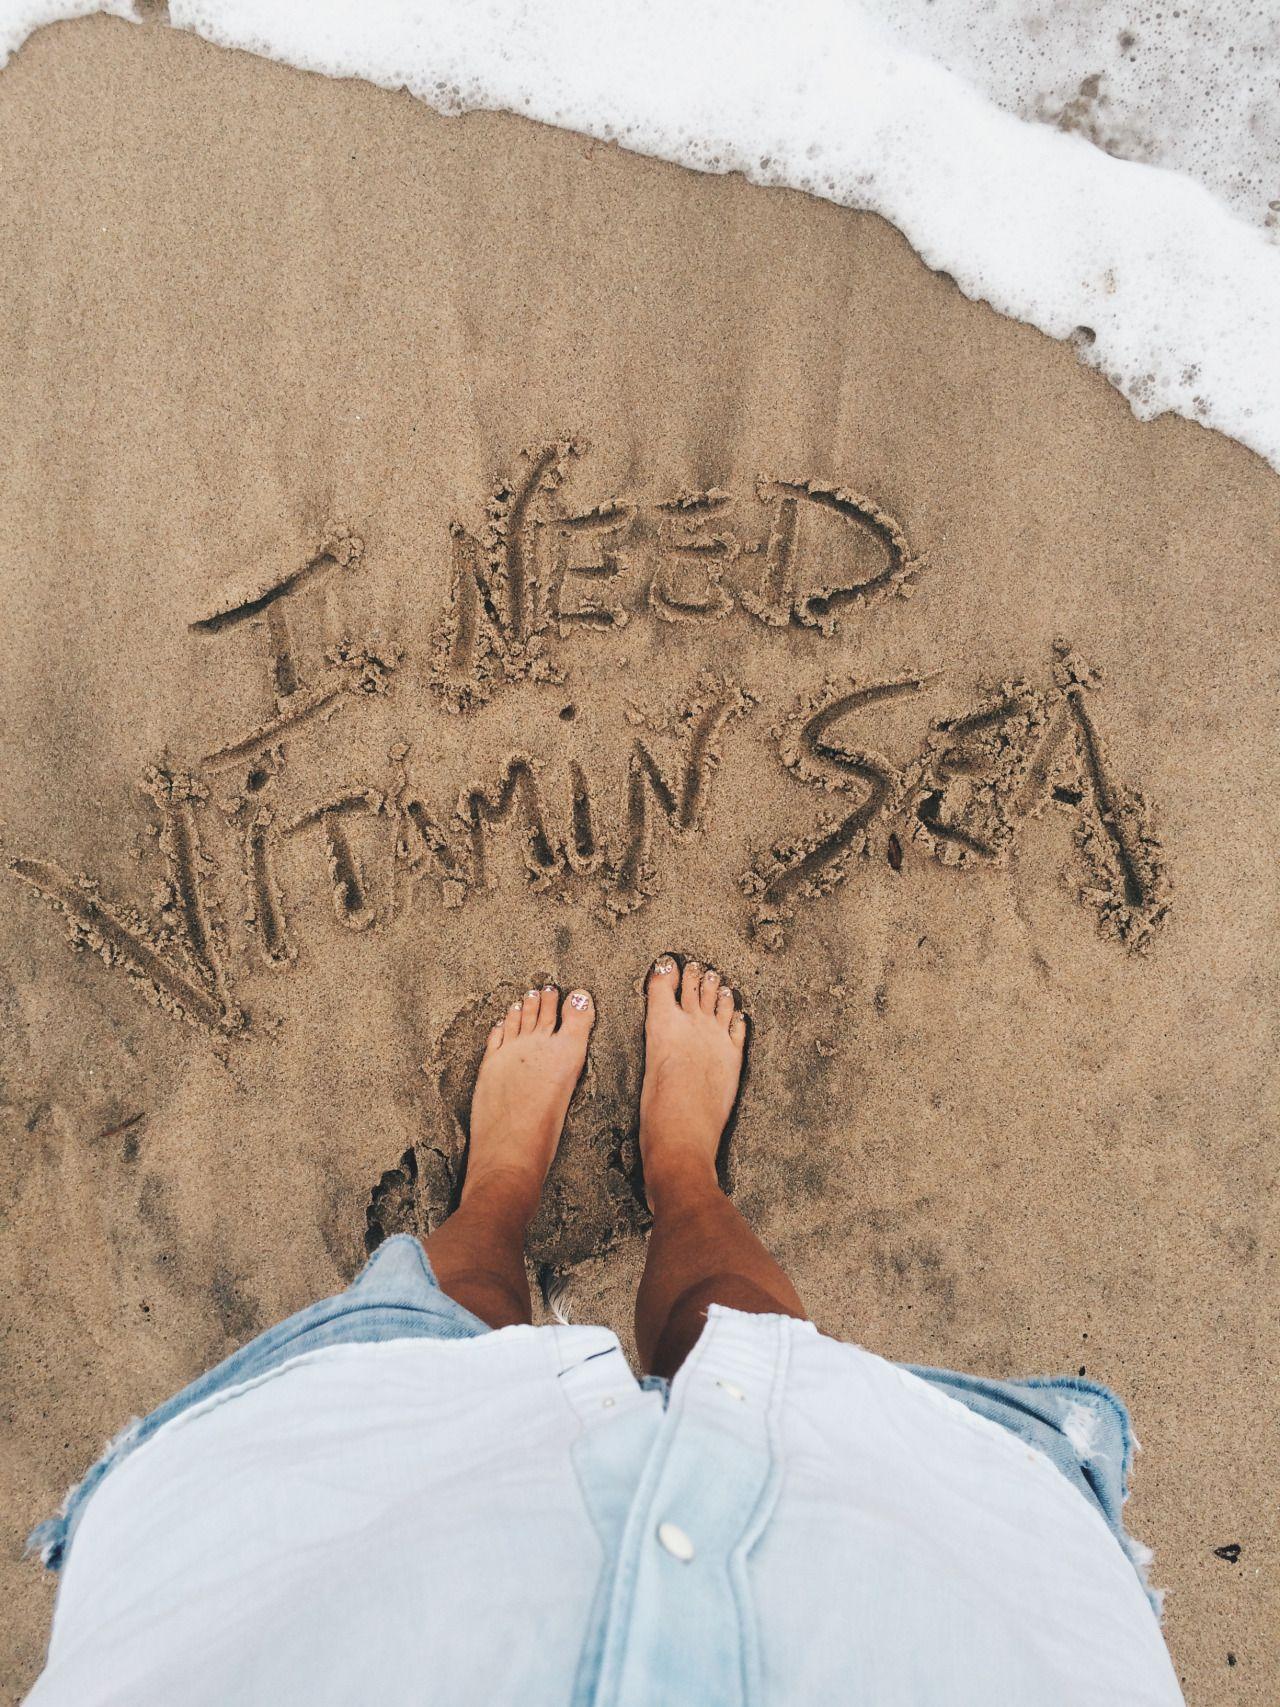 Urlaubsfotos Ideen i need vitamin sea quote at the fotoideen